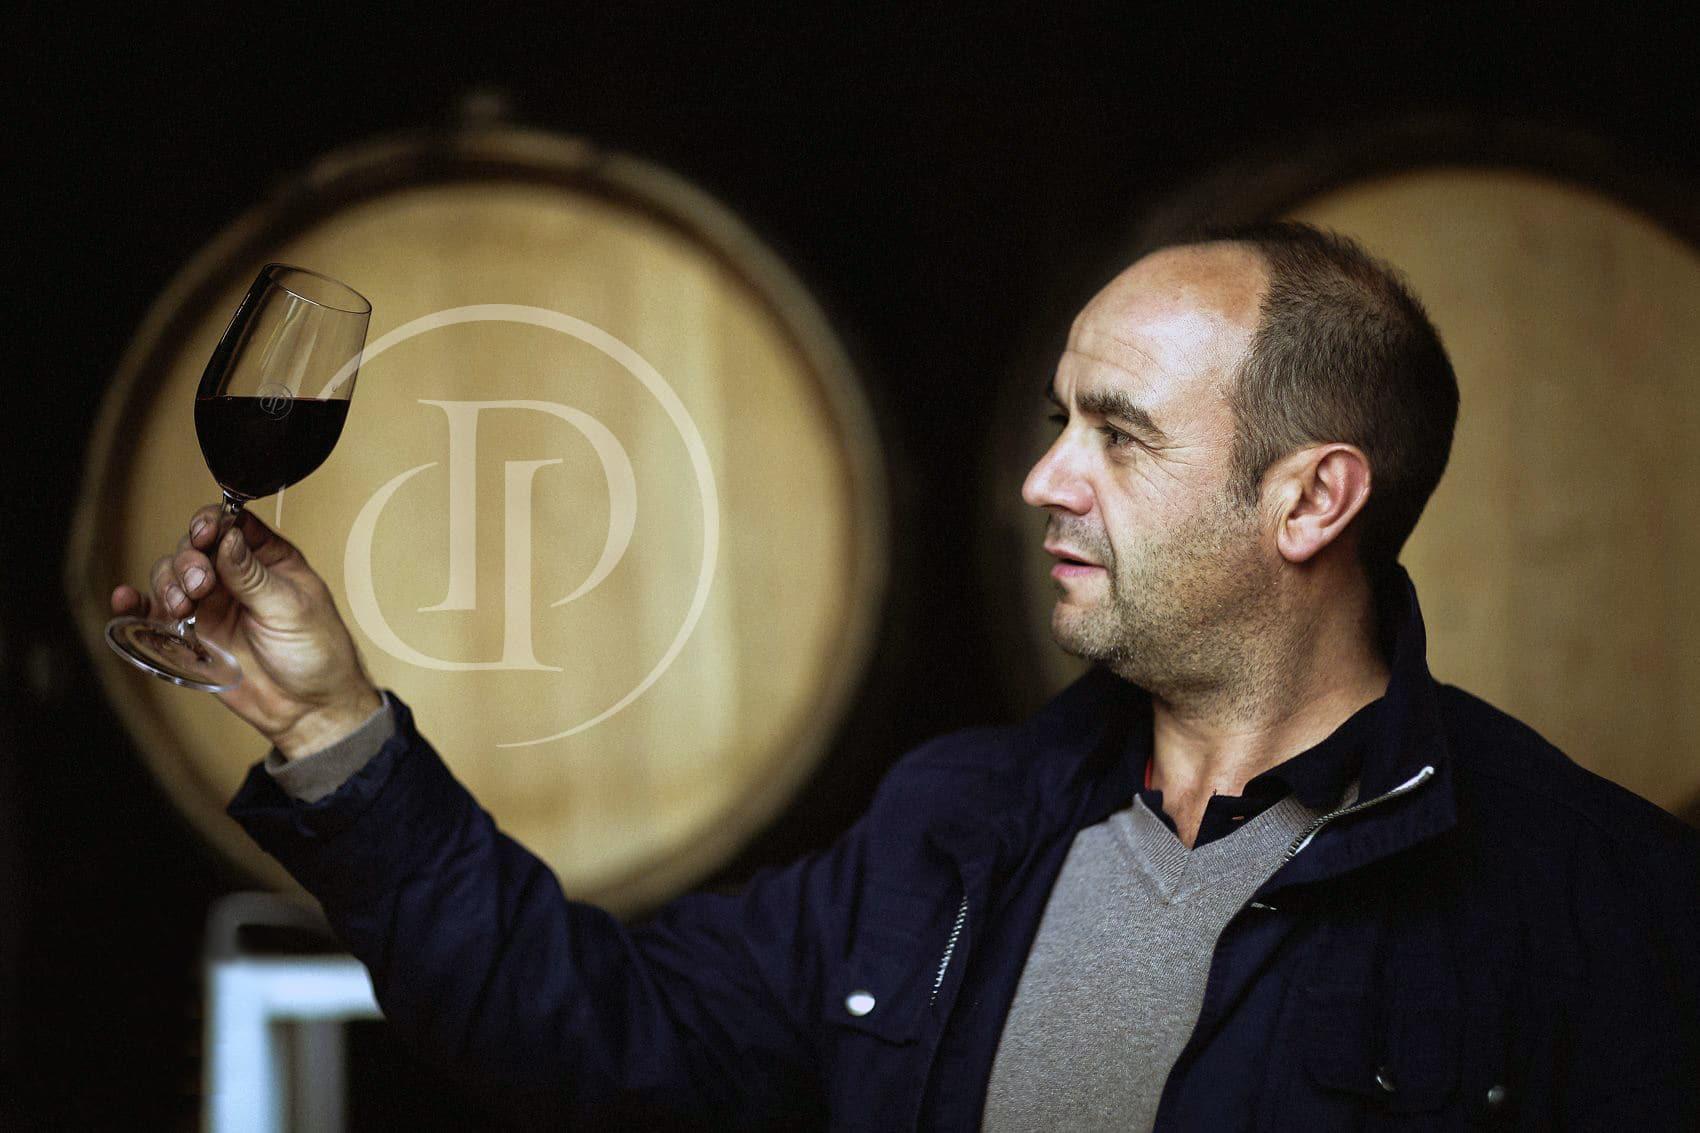 Pour les Fêtes, le Domaine DARIDAN vous propose ses vins et ses paniers gourmands